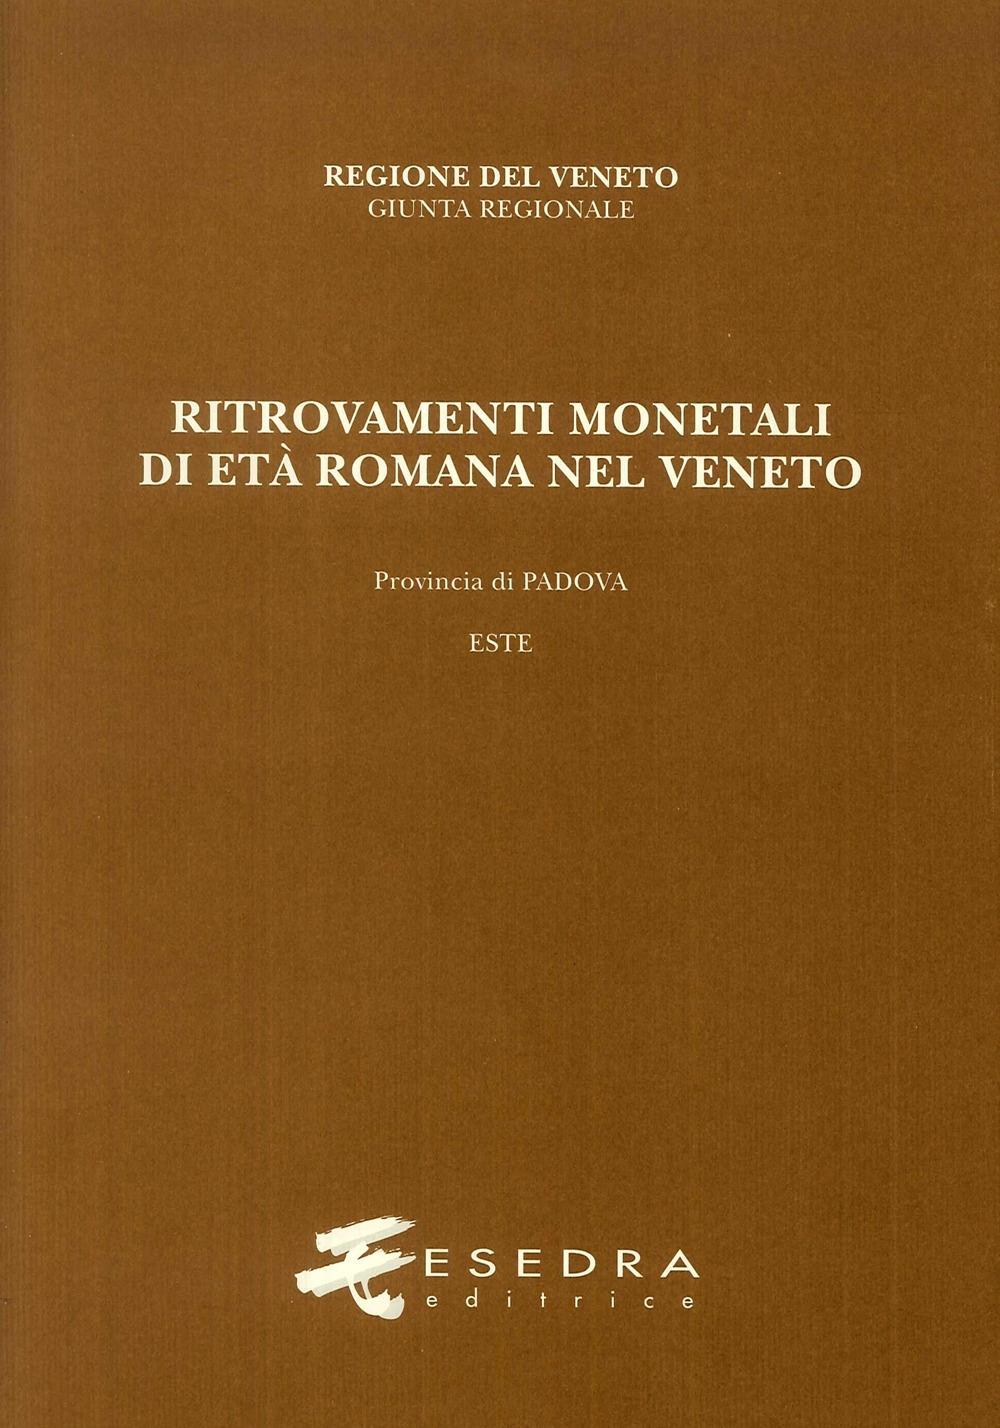 Ritrovamenti monetali di età romana nel Veneto. Provincia di Padova. Este (RMR Ve V/2)